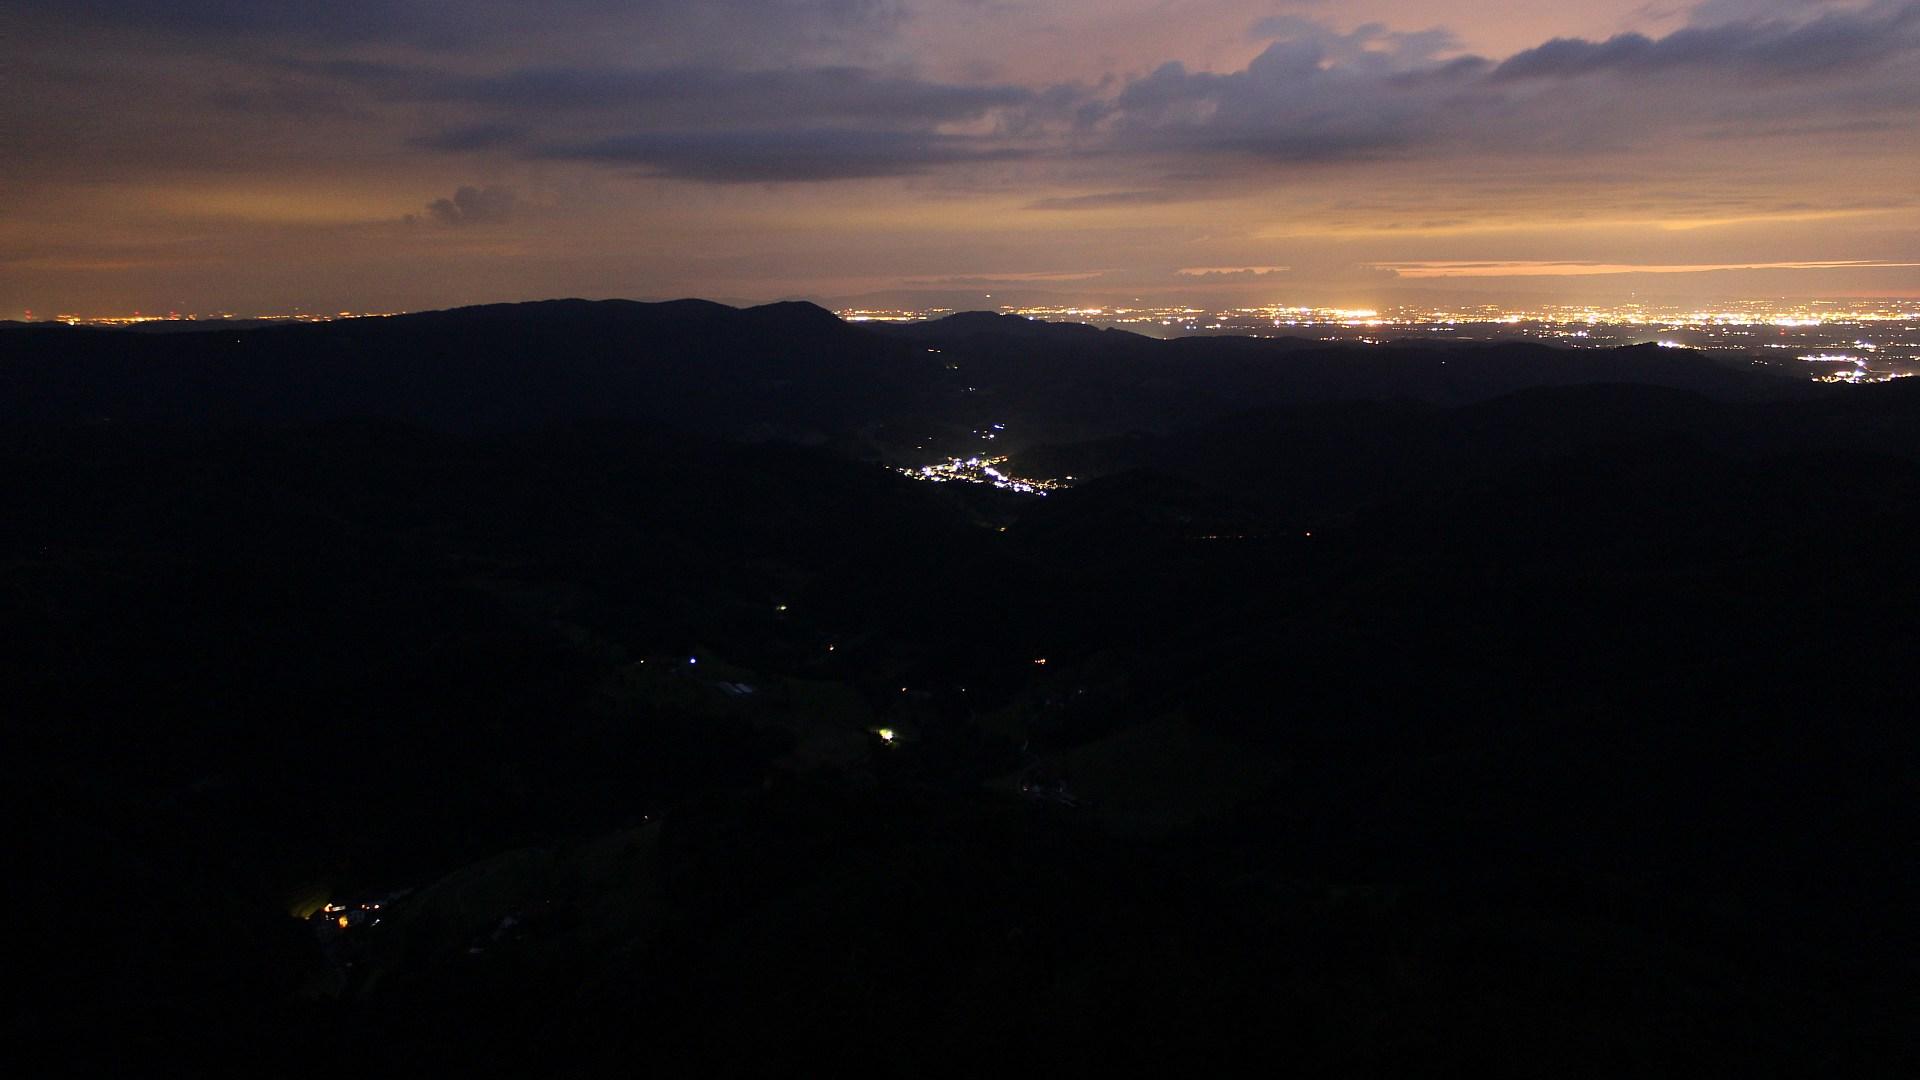 Aufnahme: Buchkopfturm vom 02.07.2020 23:00